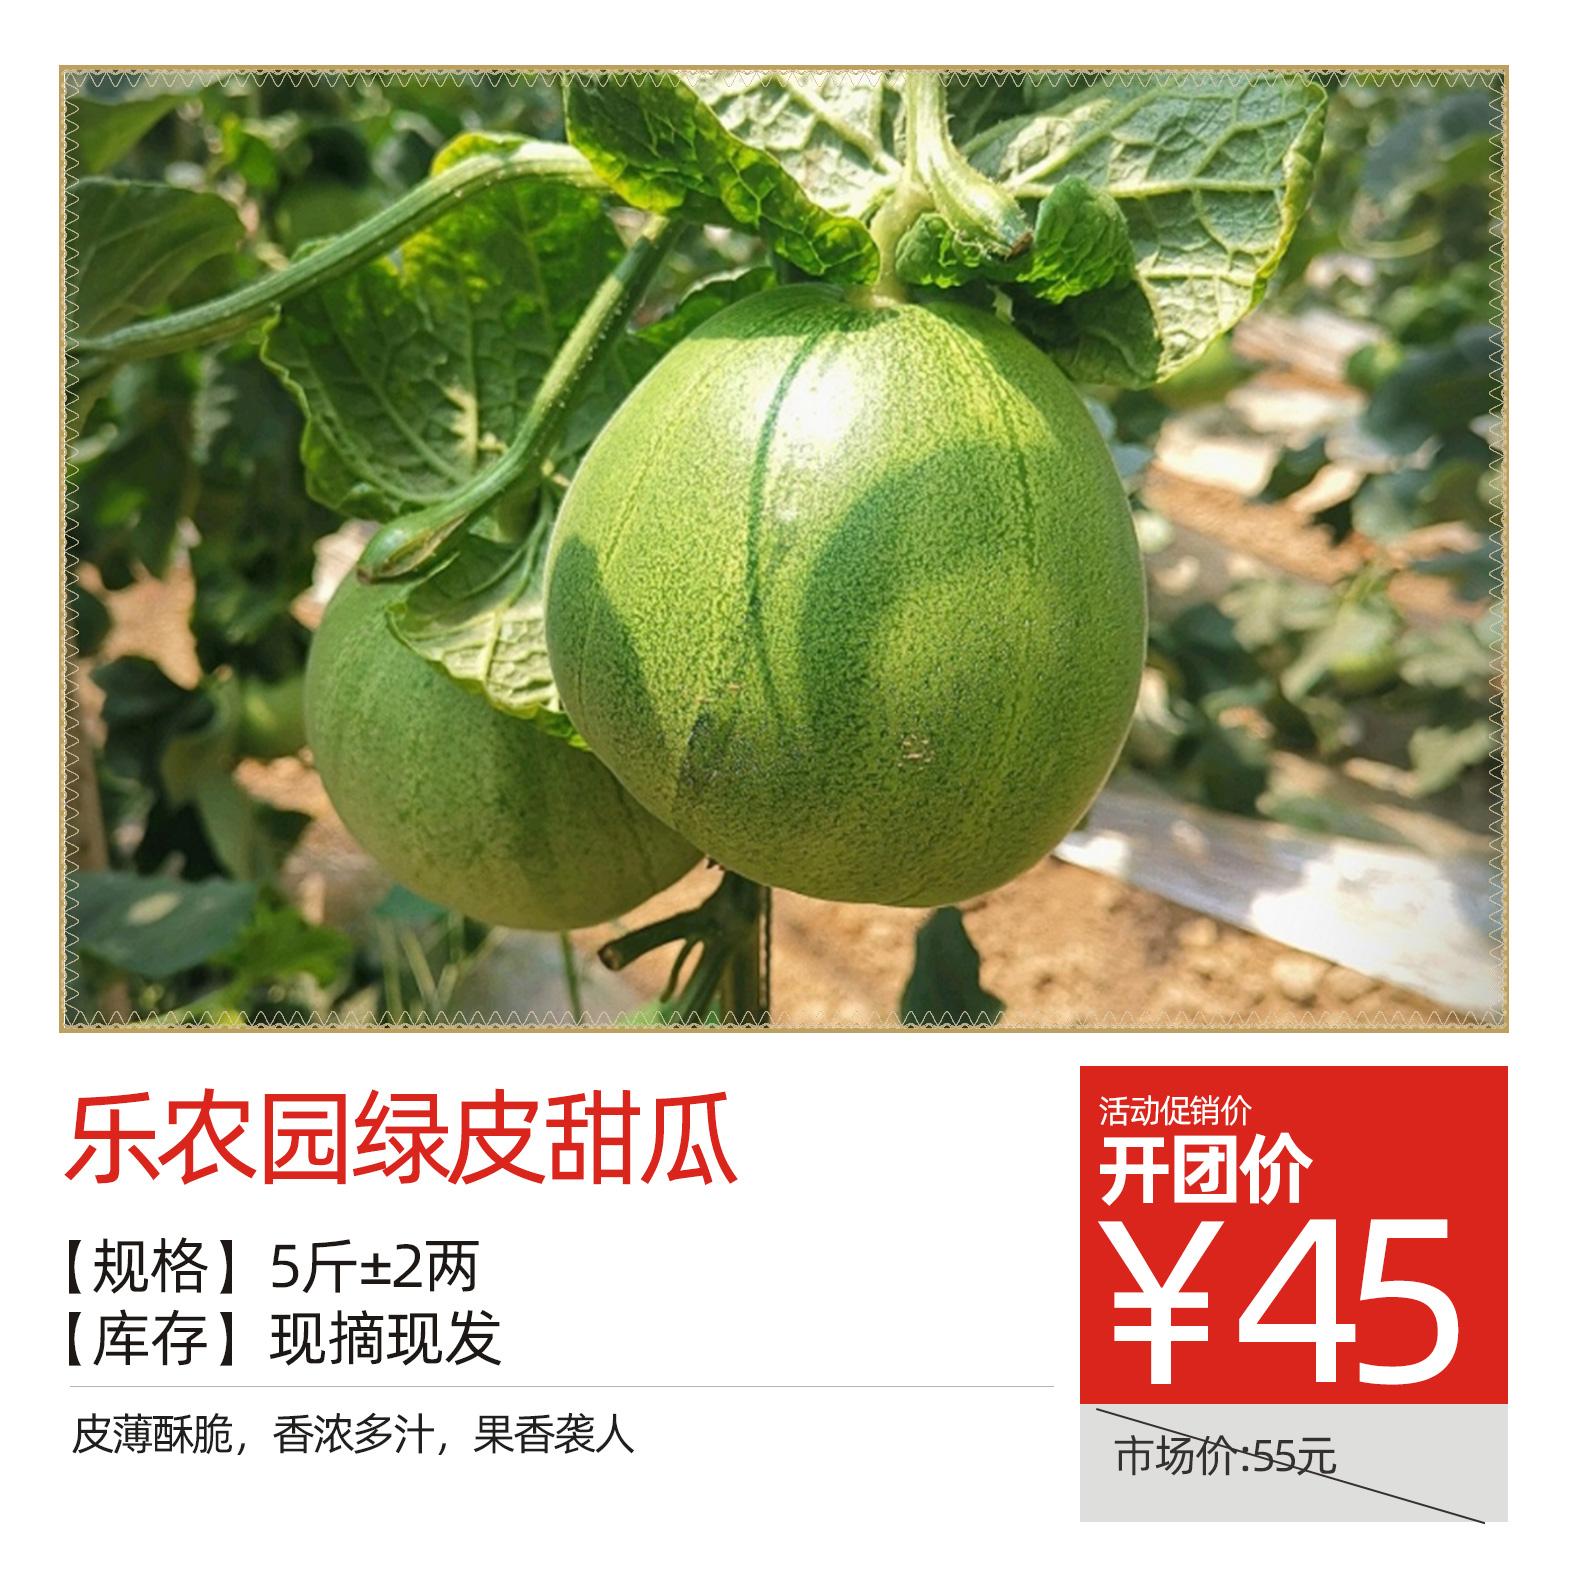 乐农园绿皮甜瓜